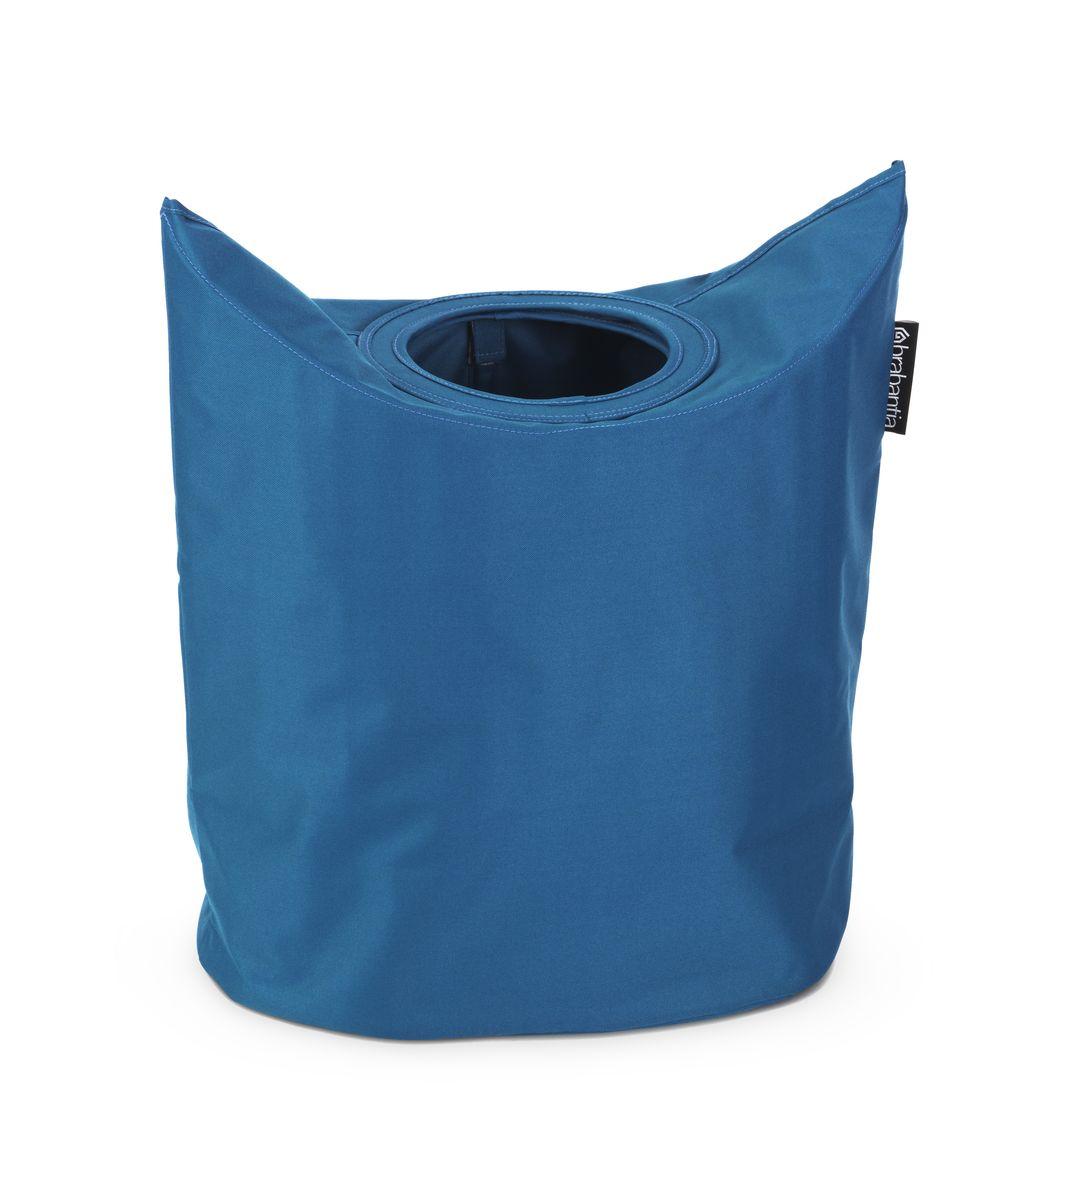 Сумка для белья Brabantia, овальная, цвет: синий, 50 л. 102486102486Оригинальная сумка для белья экономит место и превращает вашу стирку в увлекательное занятие. С помощью складывающихся магнитных ручек сумка закрывается и превращается в корзину для белья с загрузочным отверстием. Собрались стирать? Поднимите ручки, и ваша сумка готова к использованию. Загрузочное отверстие для быстрой загрузки белья просто сложите магнитные ручки. Большие удобные ручки для переноски. Удобно загружать белье в стиральную машину - большая вместимость и широкое отверстие. 2 года гарантии Brabantia.